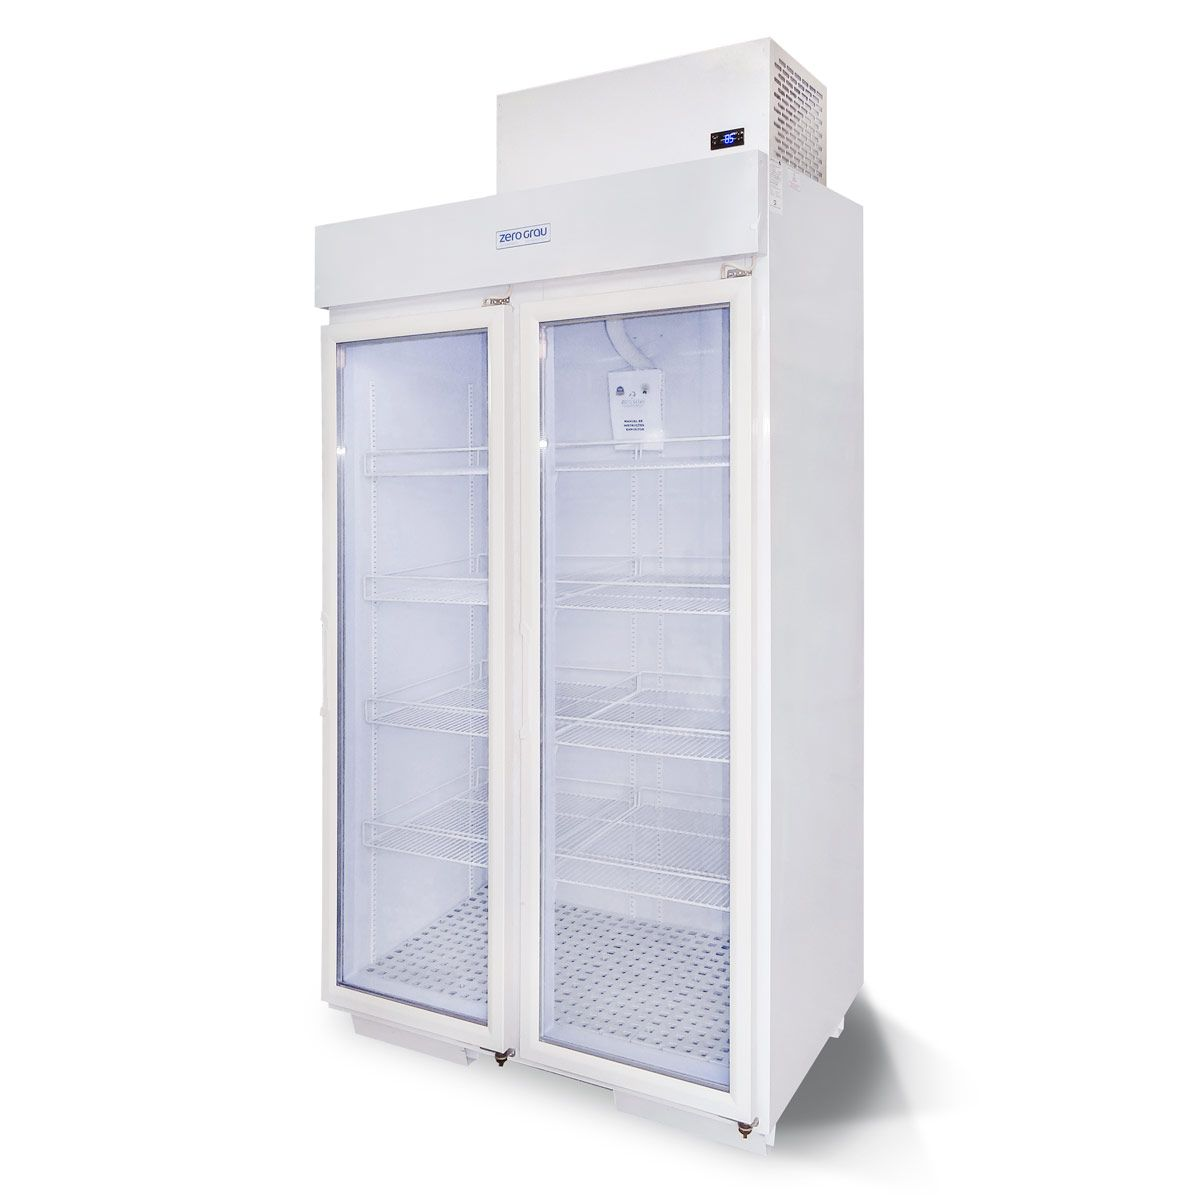 Expositor Cervejeira 1020 Litros 2 Portas para Resfriados Até -7 Graus